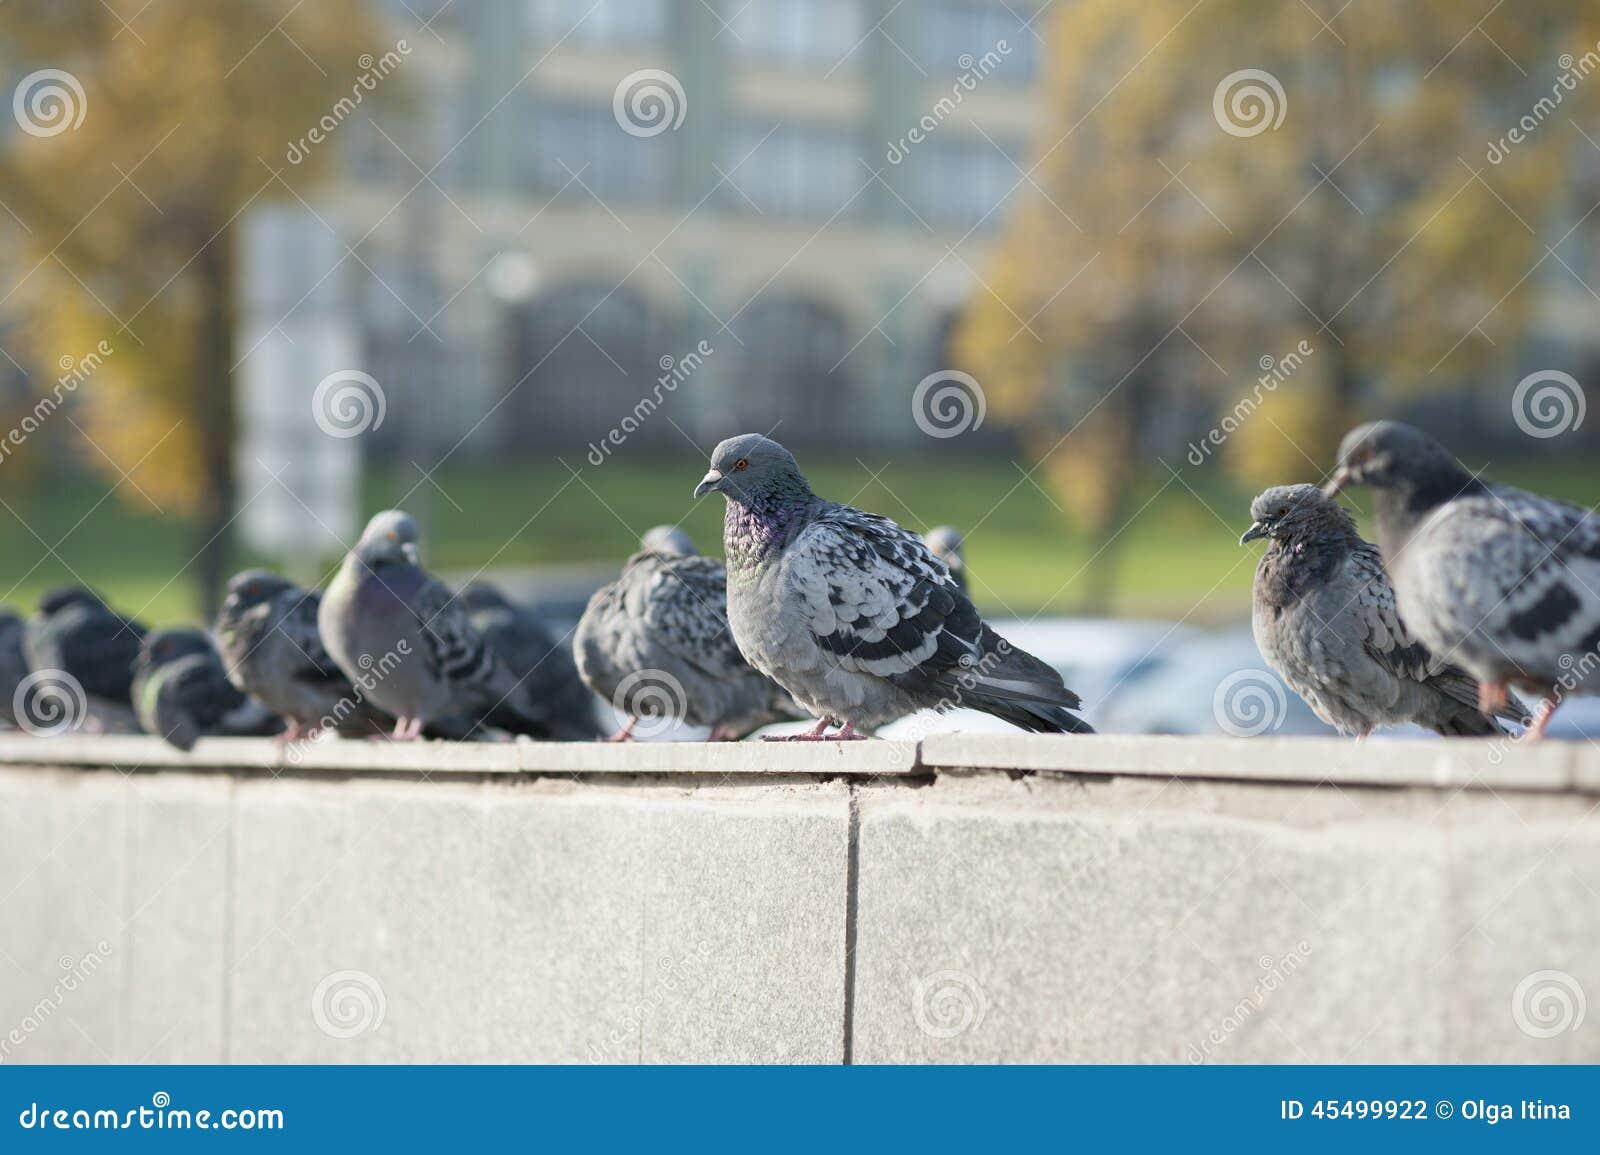 鸽子在秋天城市